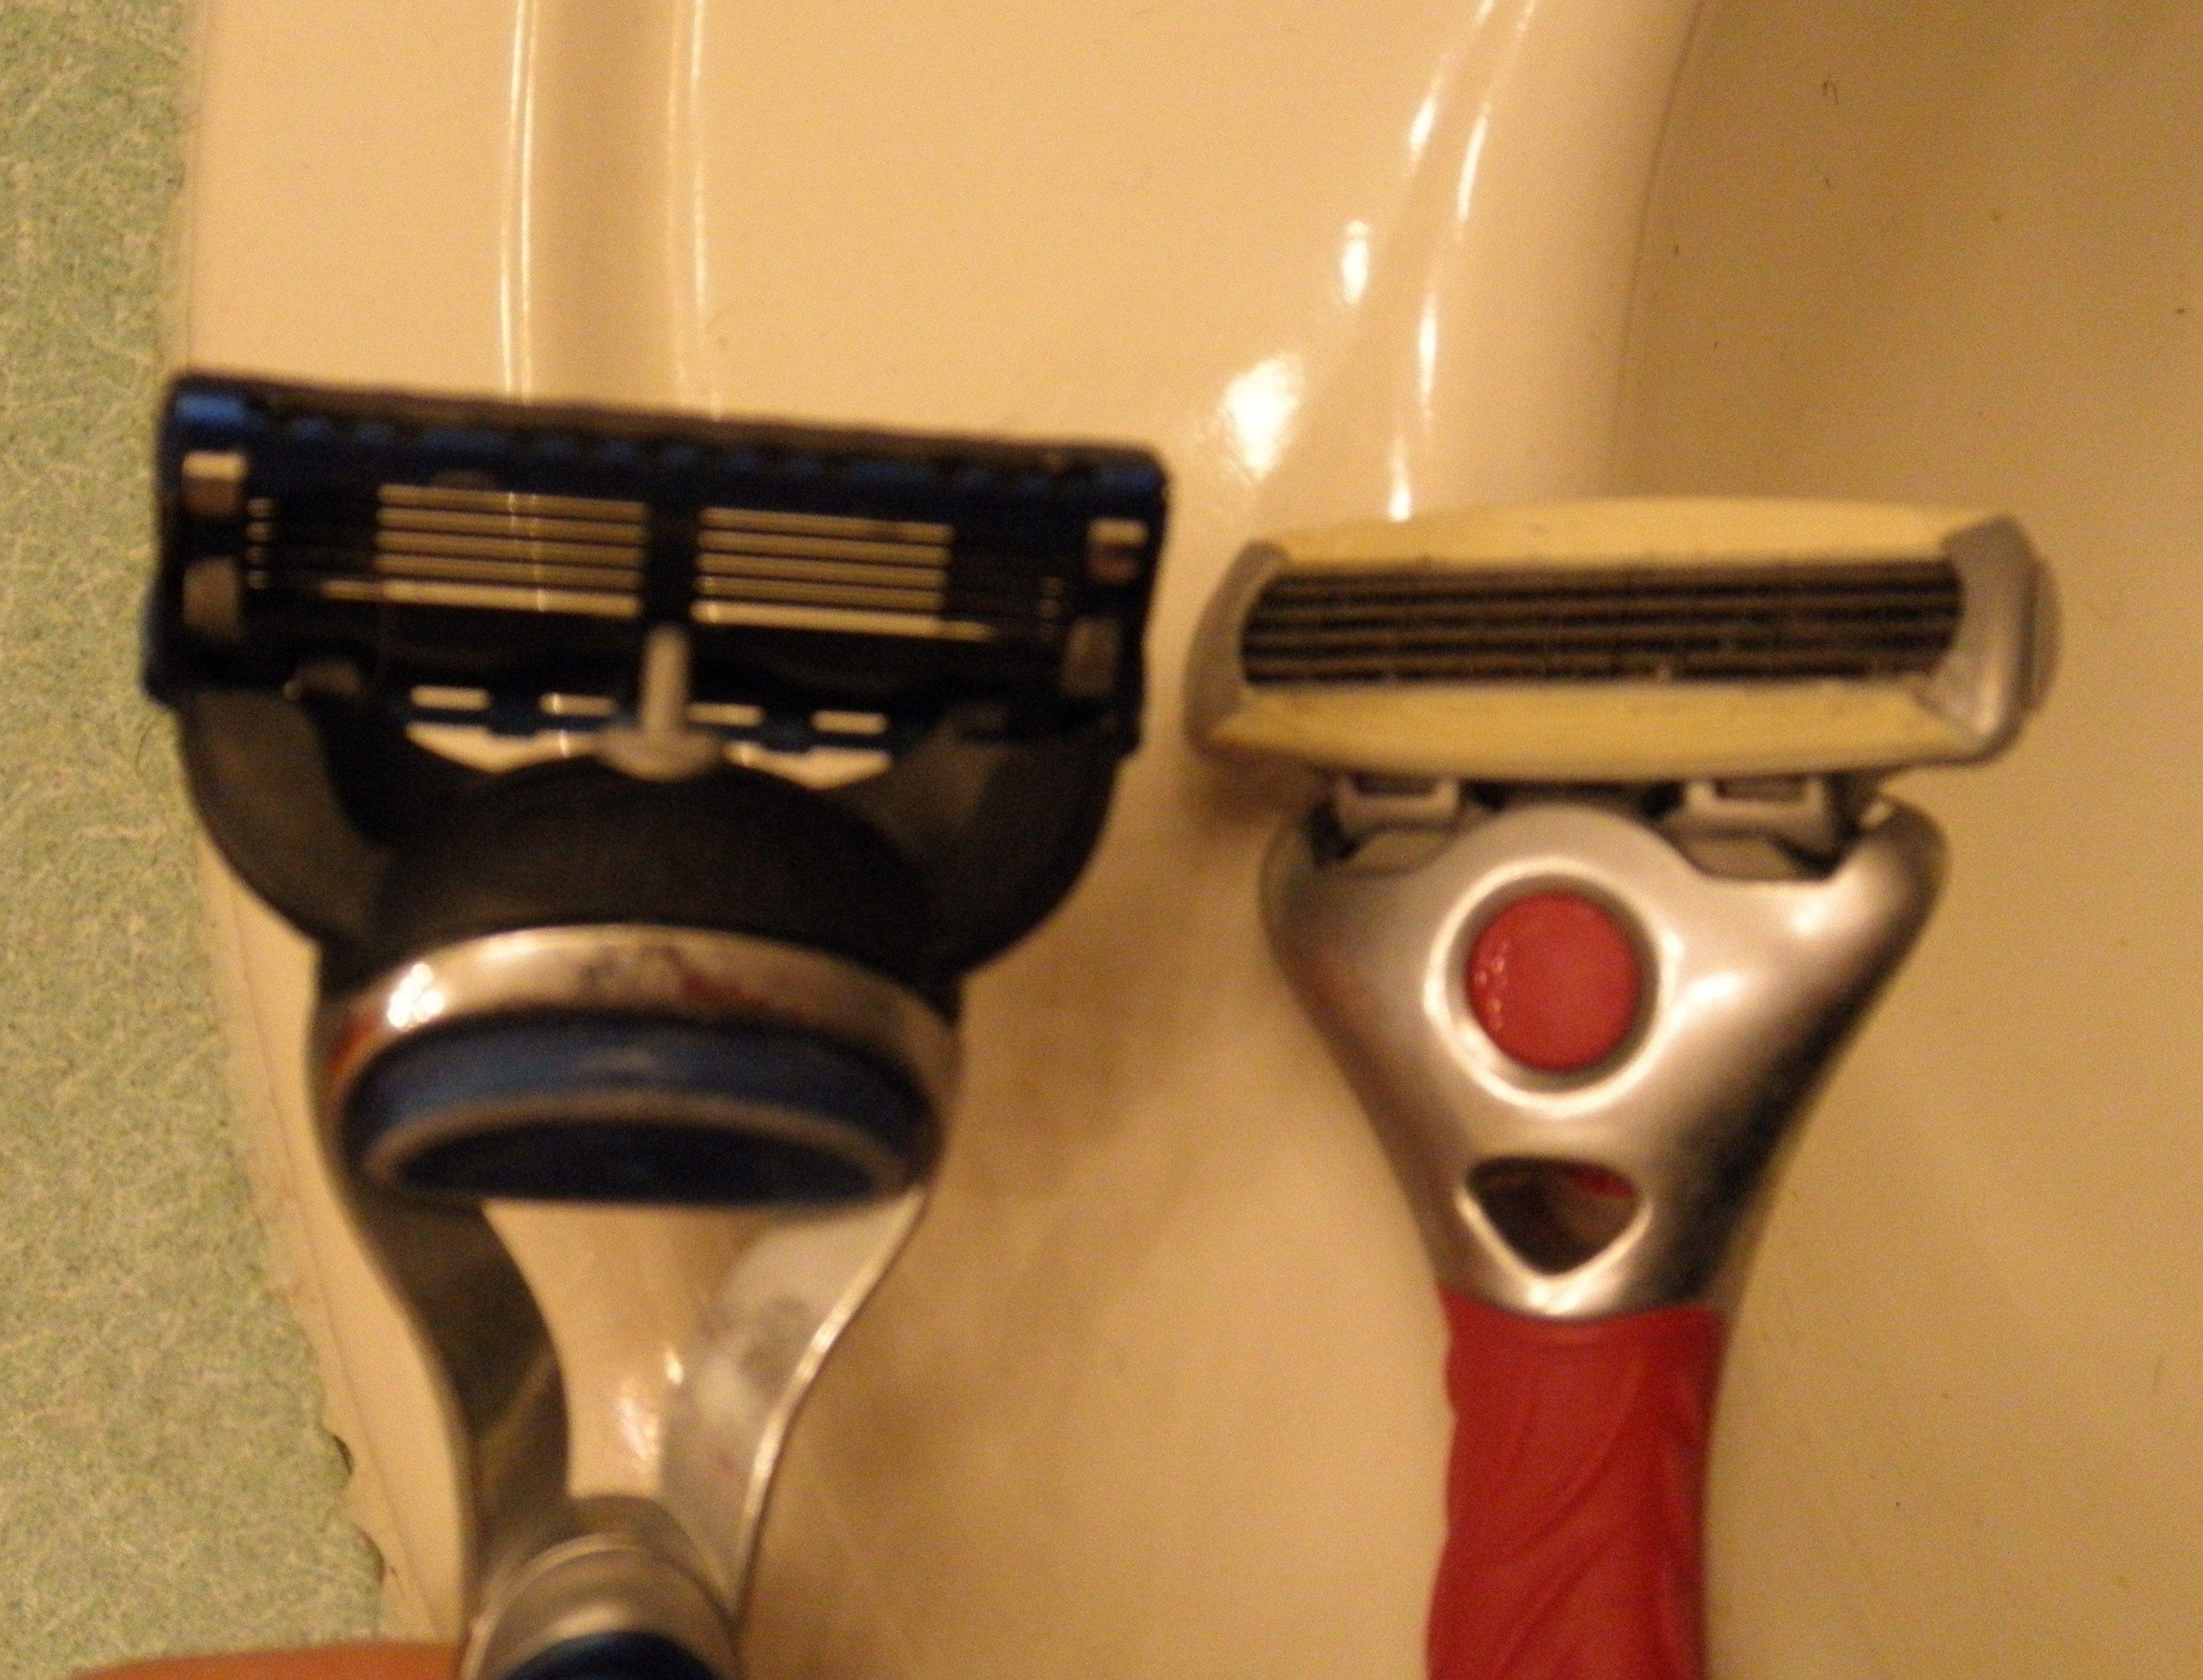 ドッキリ!夫婦みたいな髭剃りのスマホ壁紙